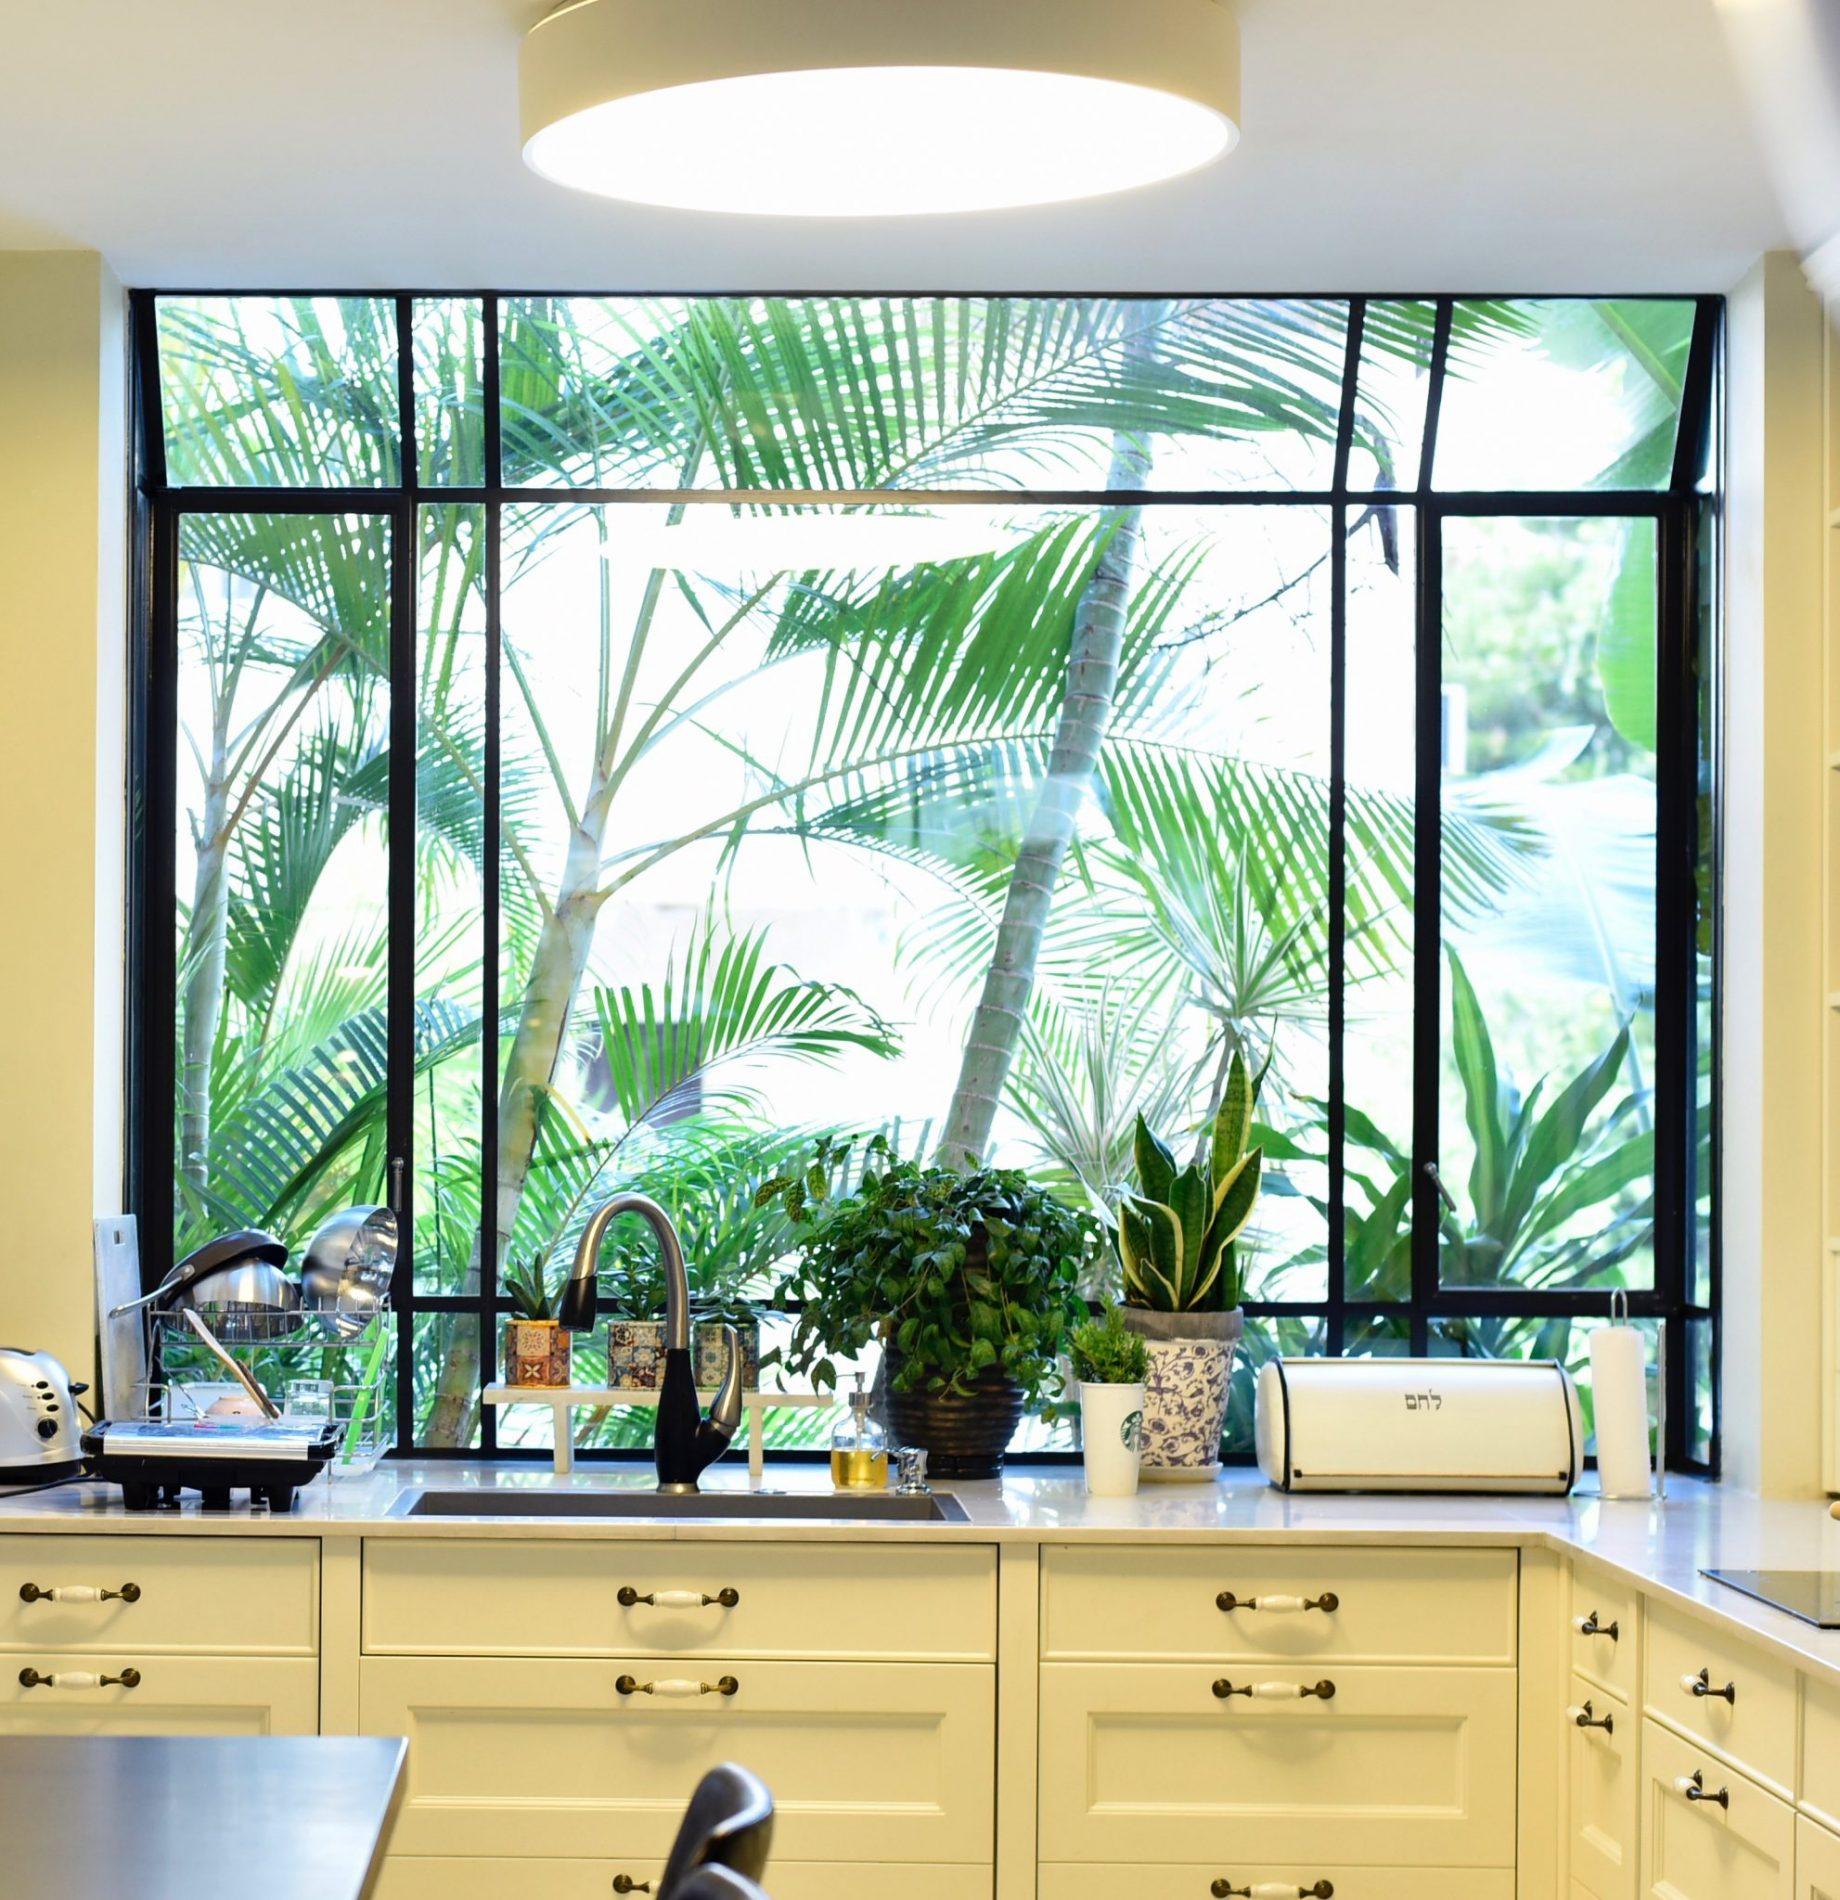 חלון bay מפרופיל בלגי שחור במטבח, מכניס את הגינה אל תוך הבית. – פרוייקט ארטפרו באור יהודה